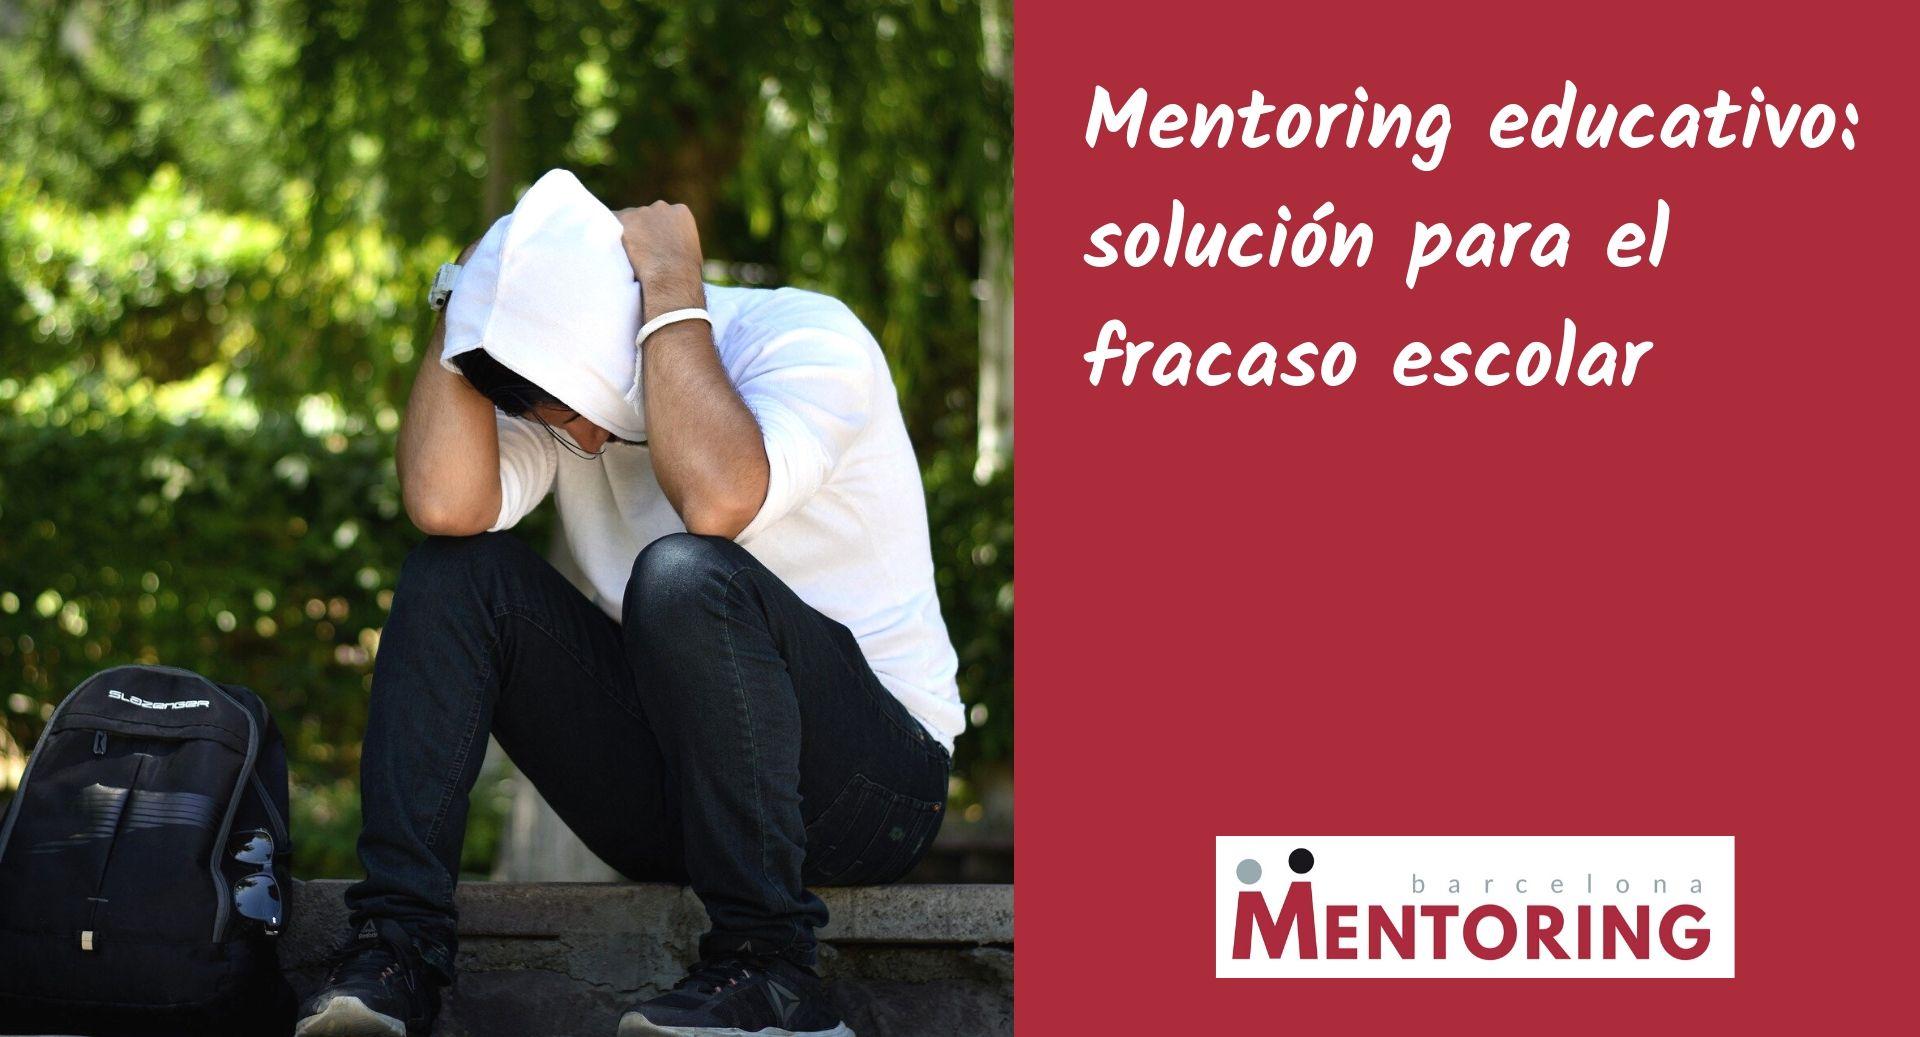 Mentoring educativo solucion para el fracaso escolar